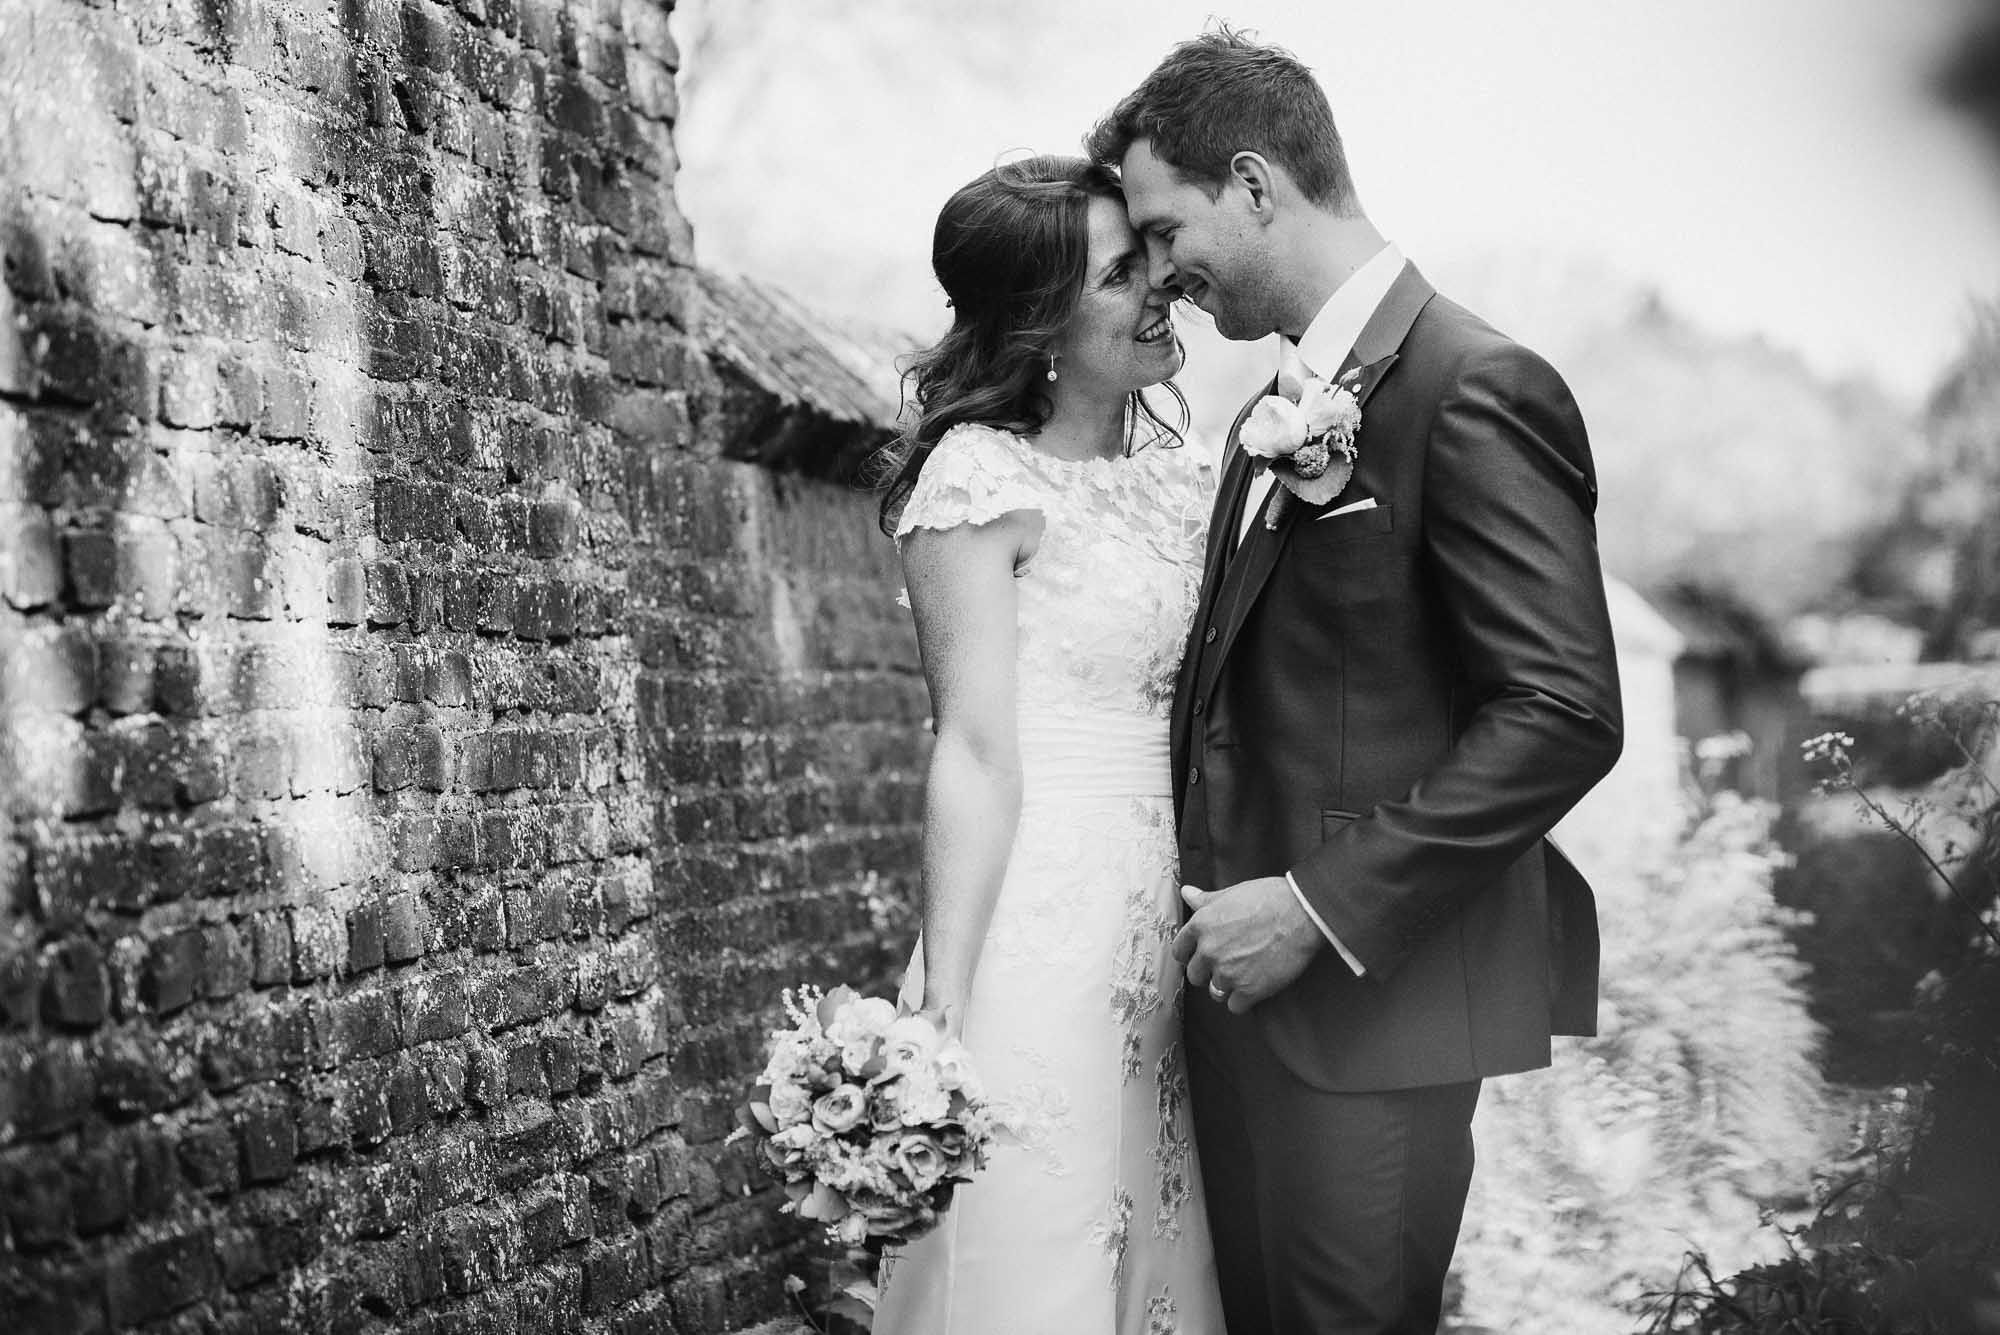 Bruidsfotograaf-Sittard-journalistieke-bruidsfotografie-067.jpg